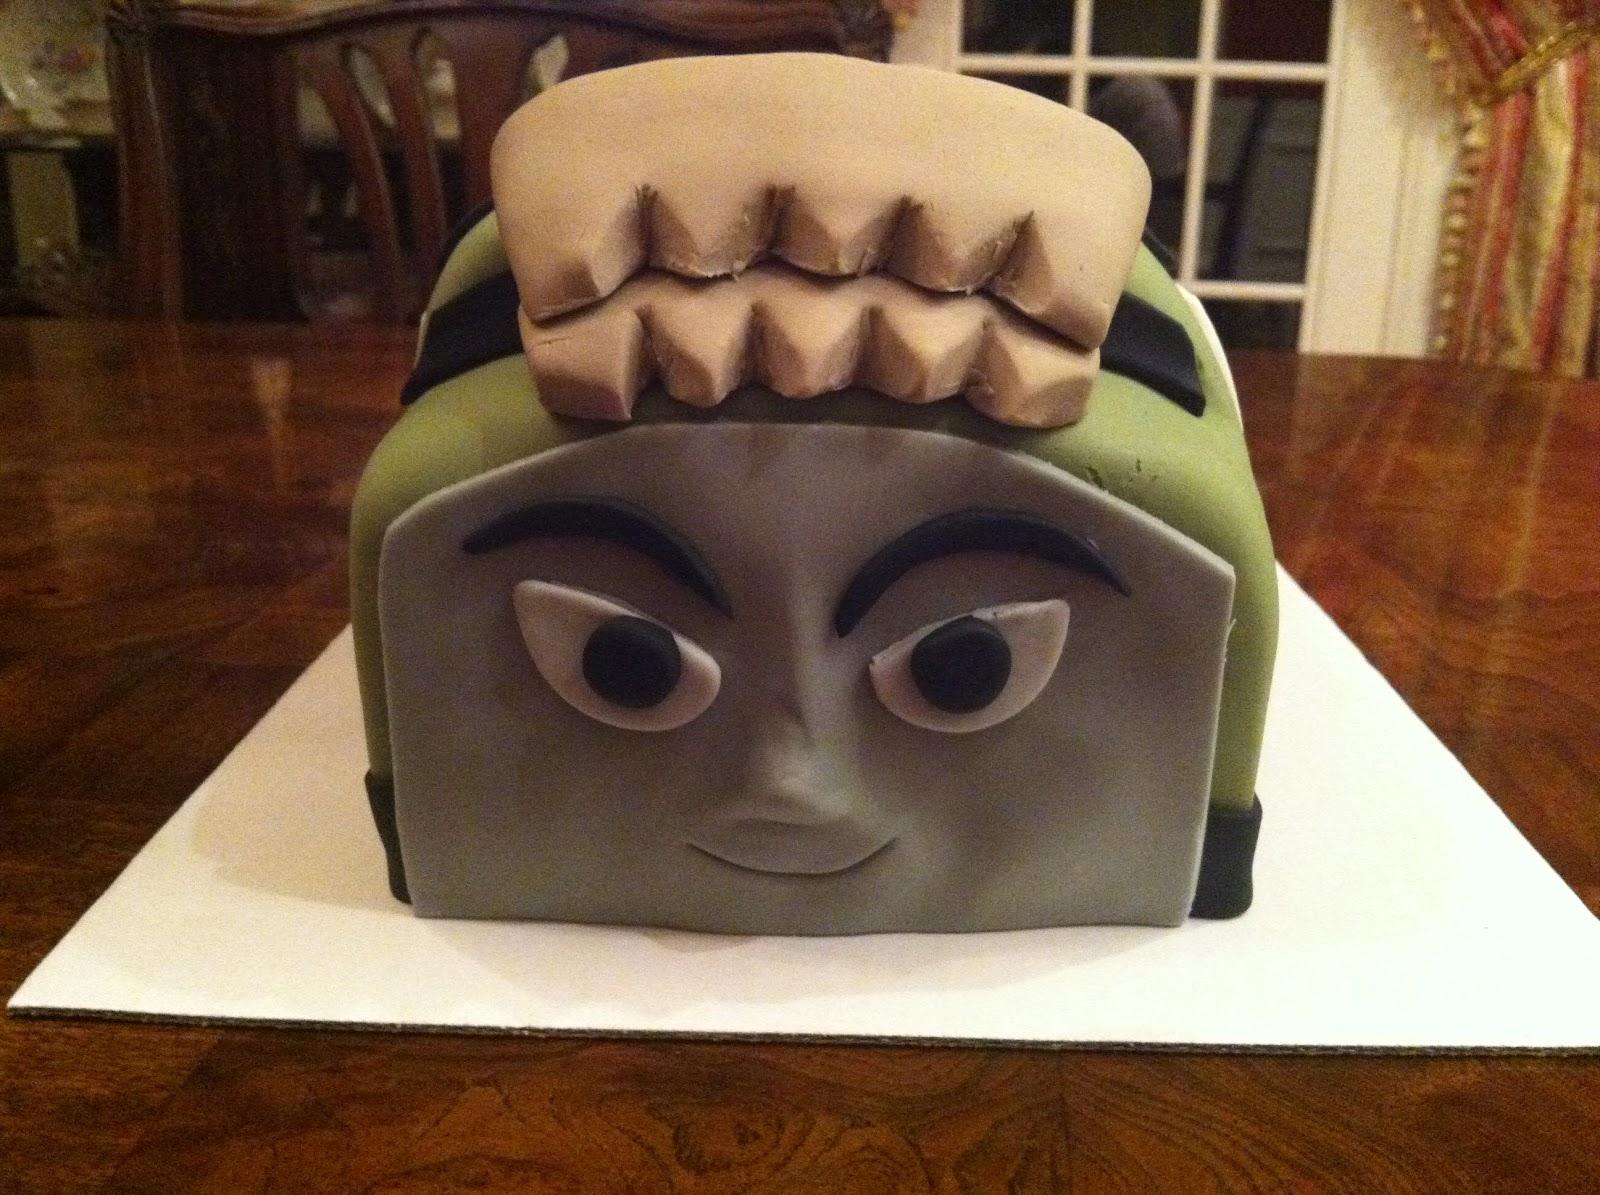 52 Weeks Of Sweets Diesel 10 Cake